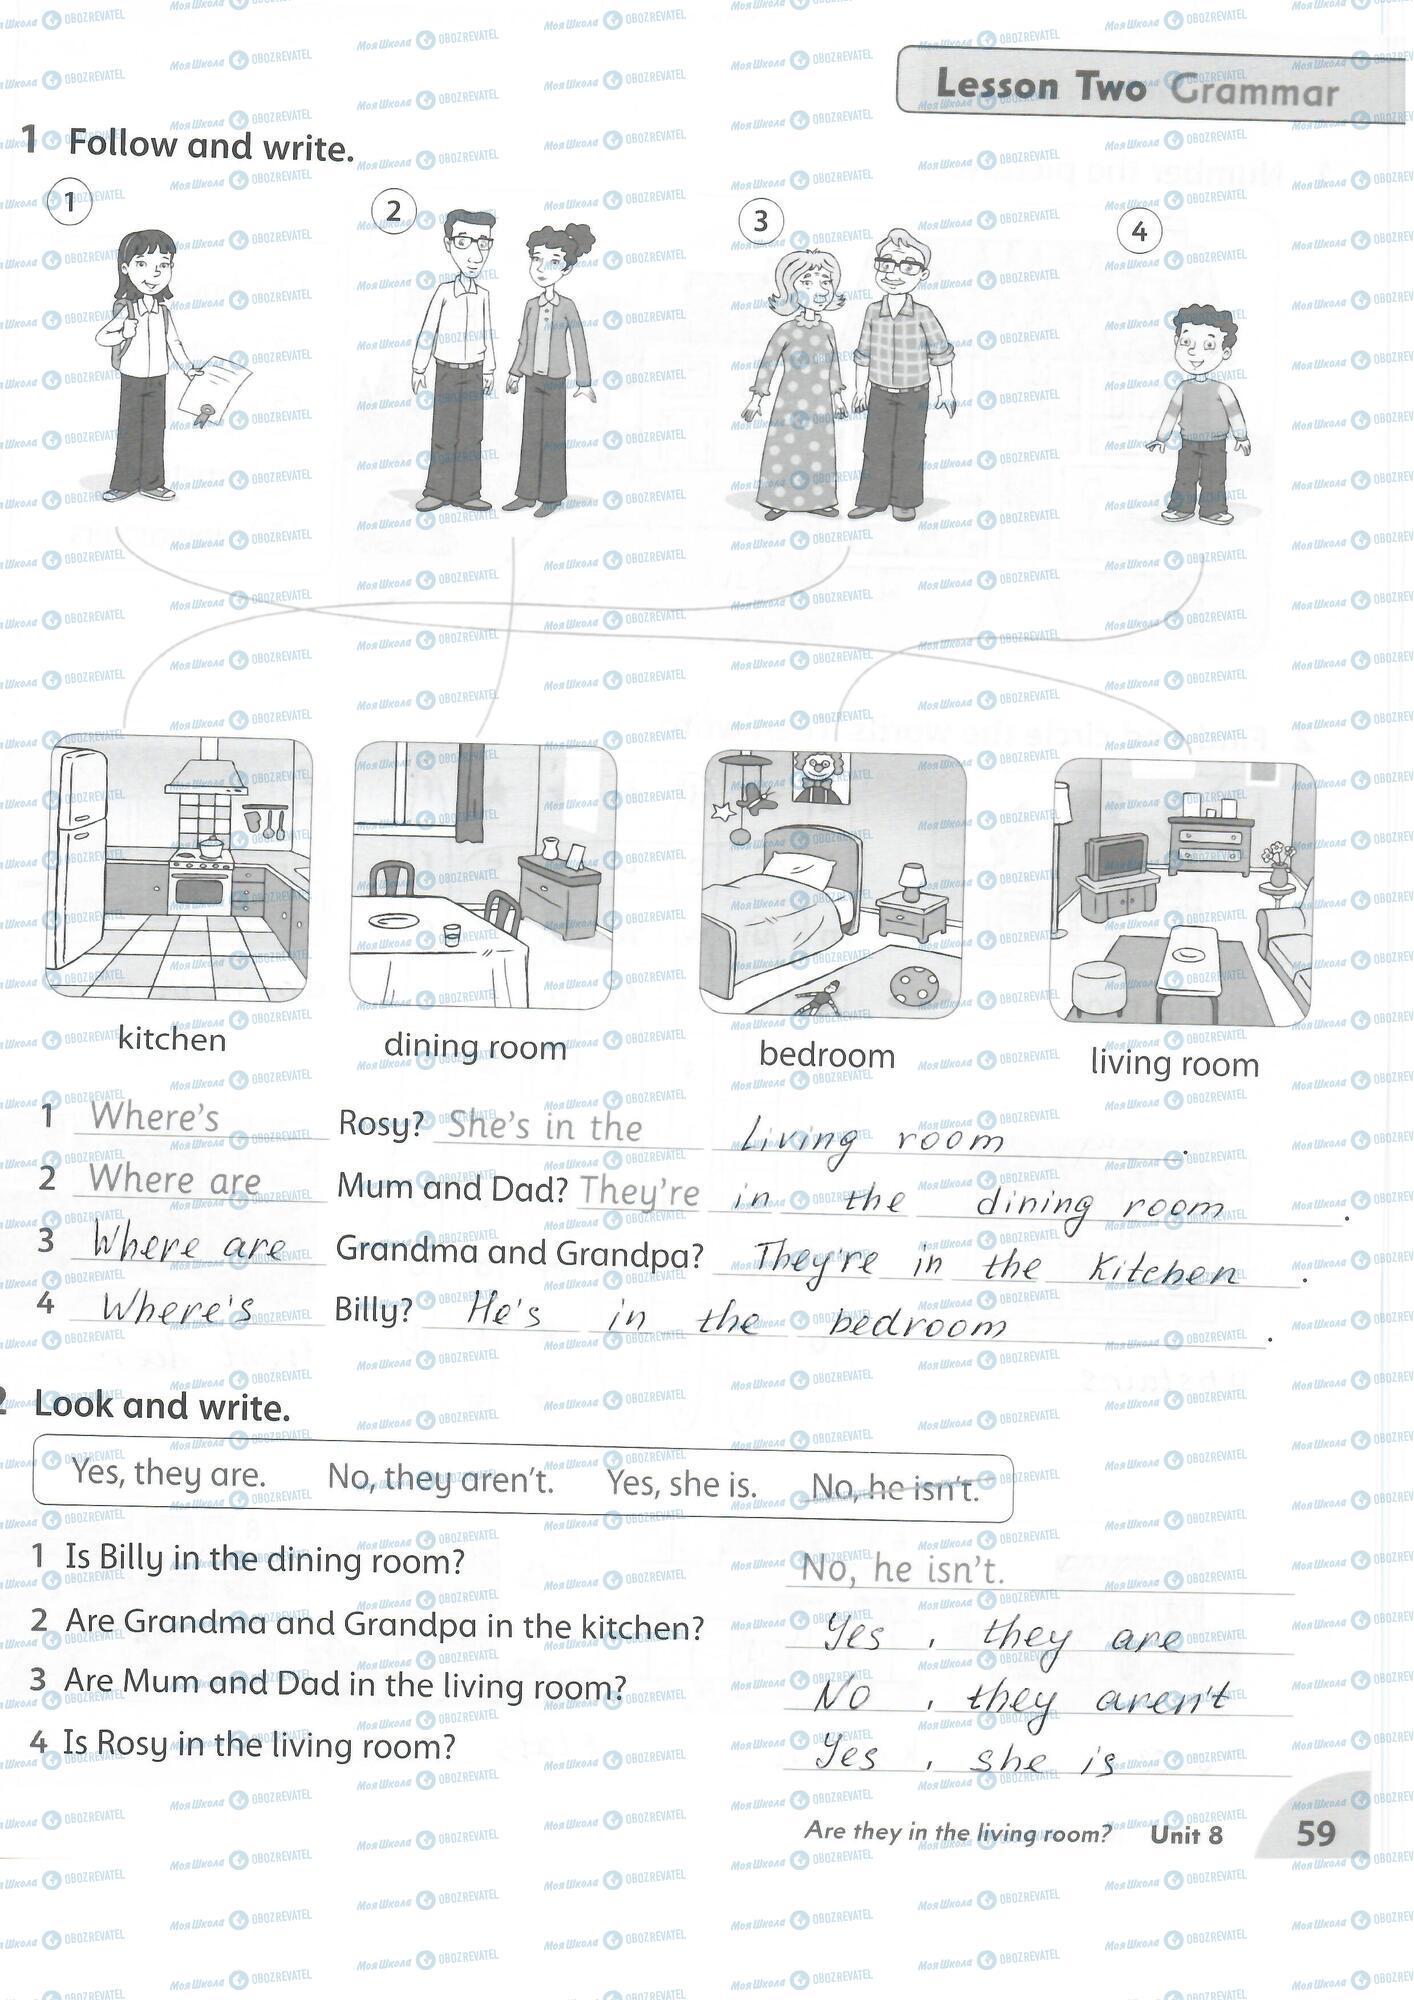 ГДЗ Англійська мова 1 клас сторінка 59